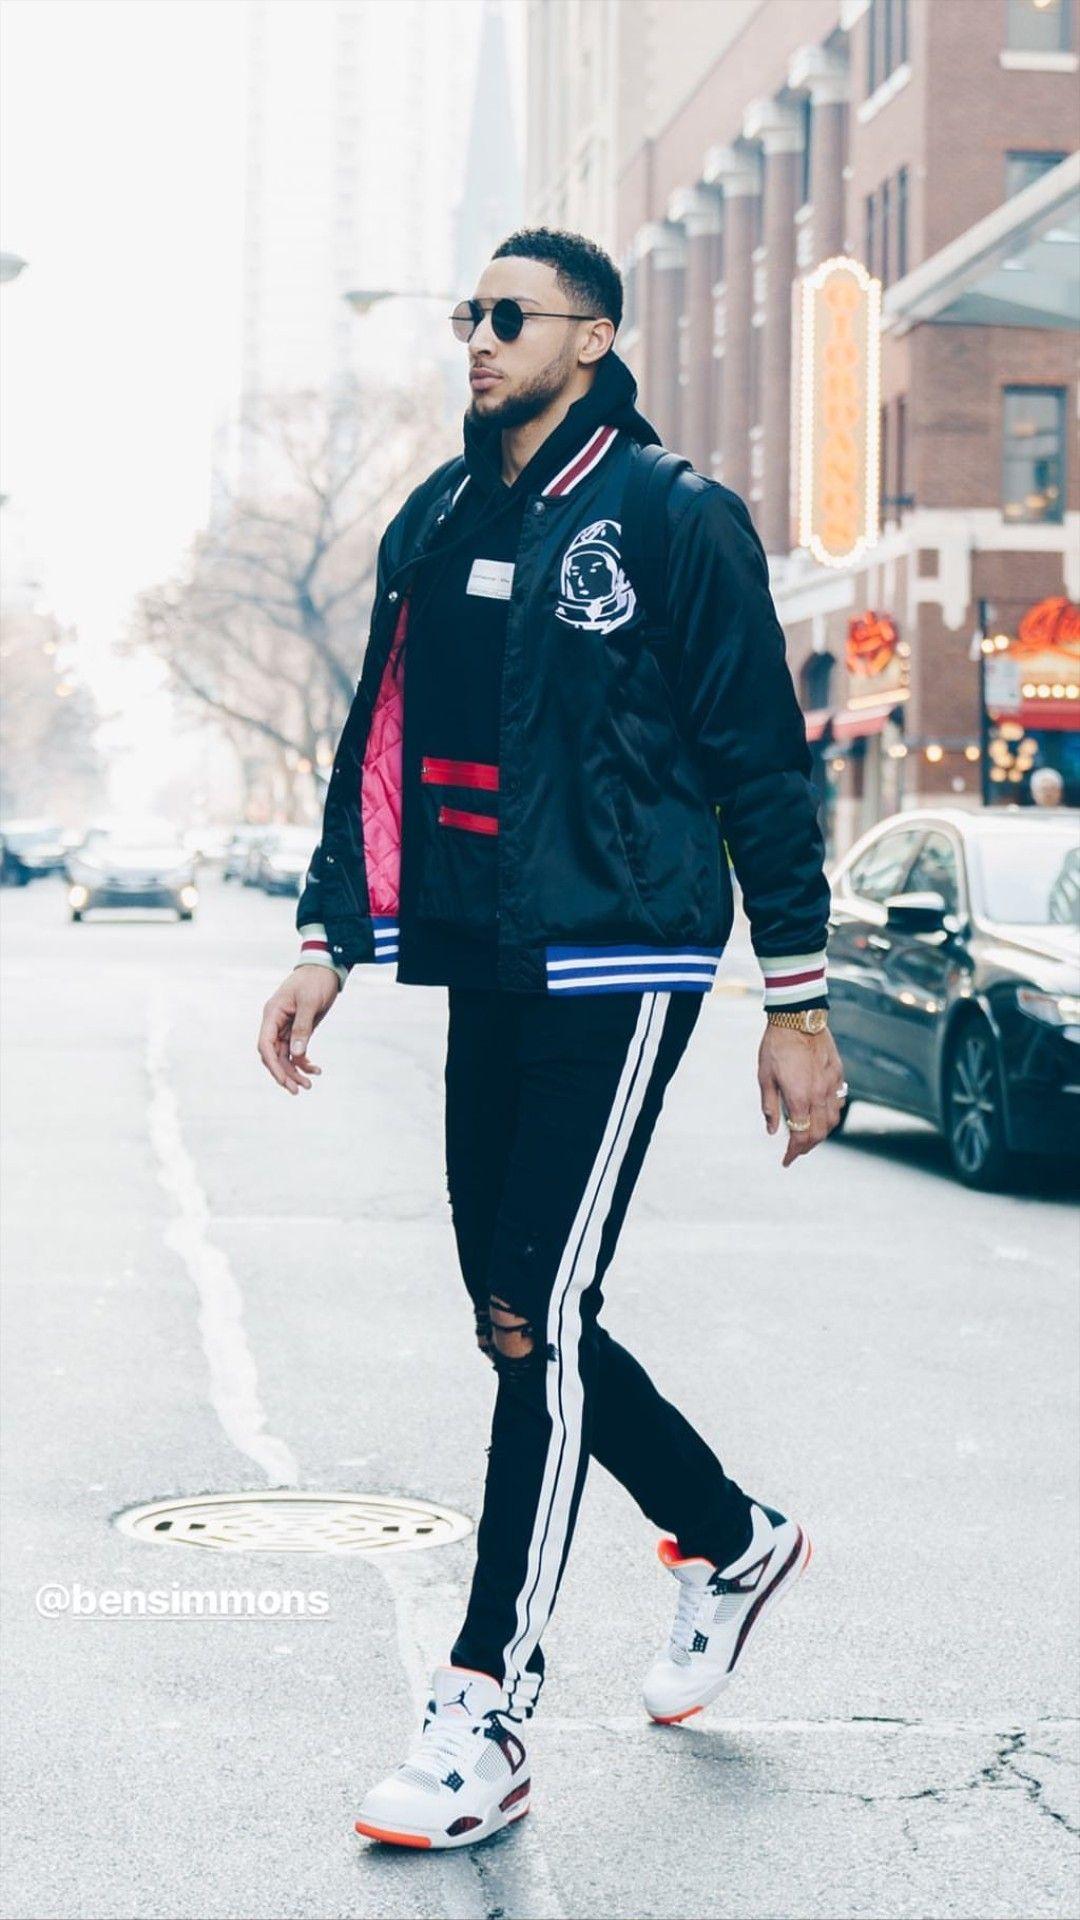 バスケ選手 ファッション